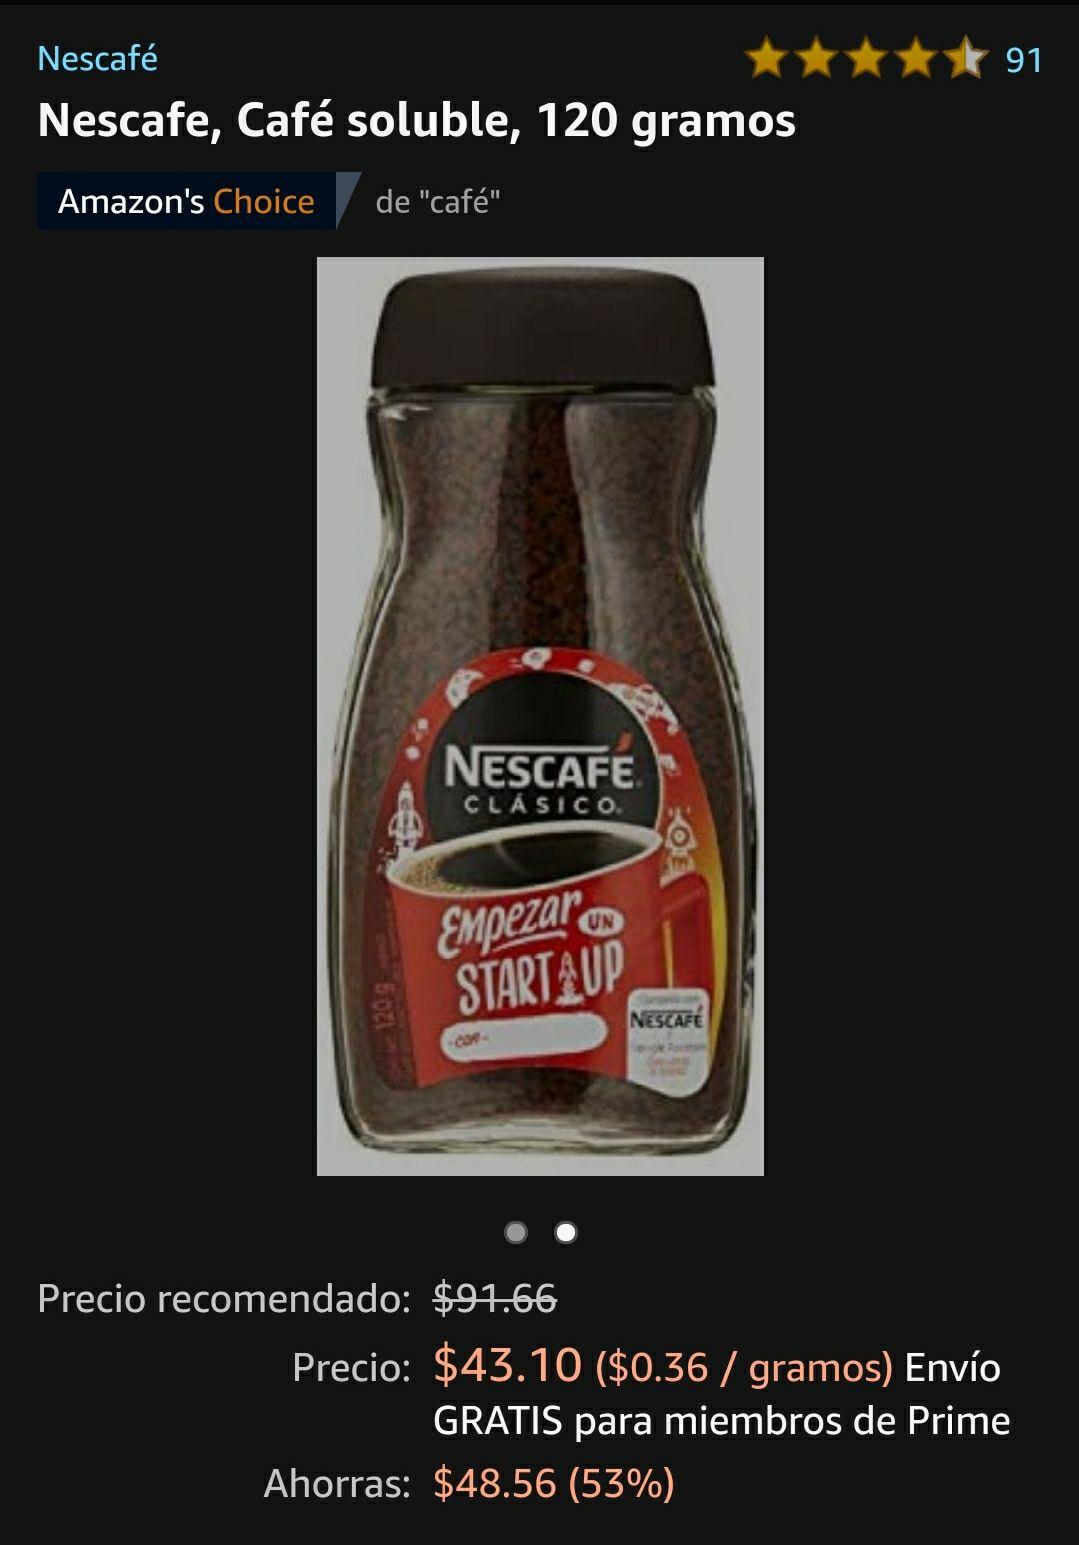 Amazon Nescafe 120 gramos a 39 pesitos